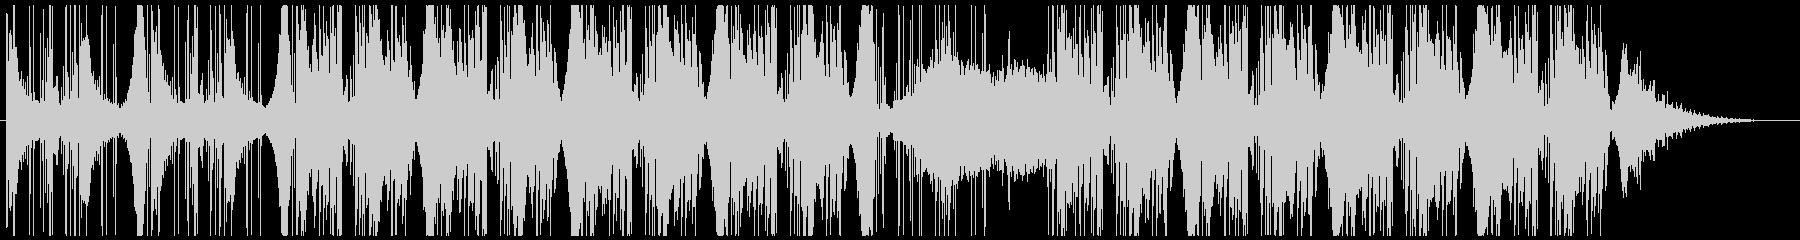 優しく寂しいピアノ小品のダブ系リミックスの未再生の波形